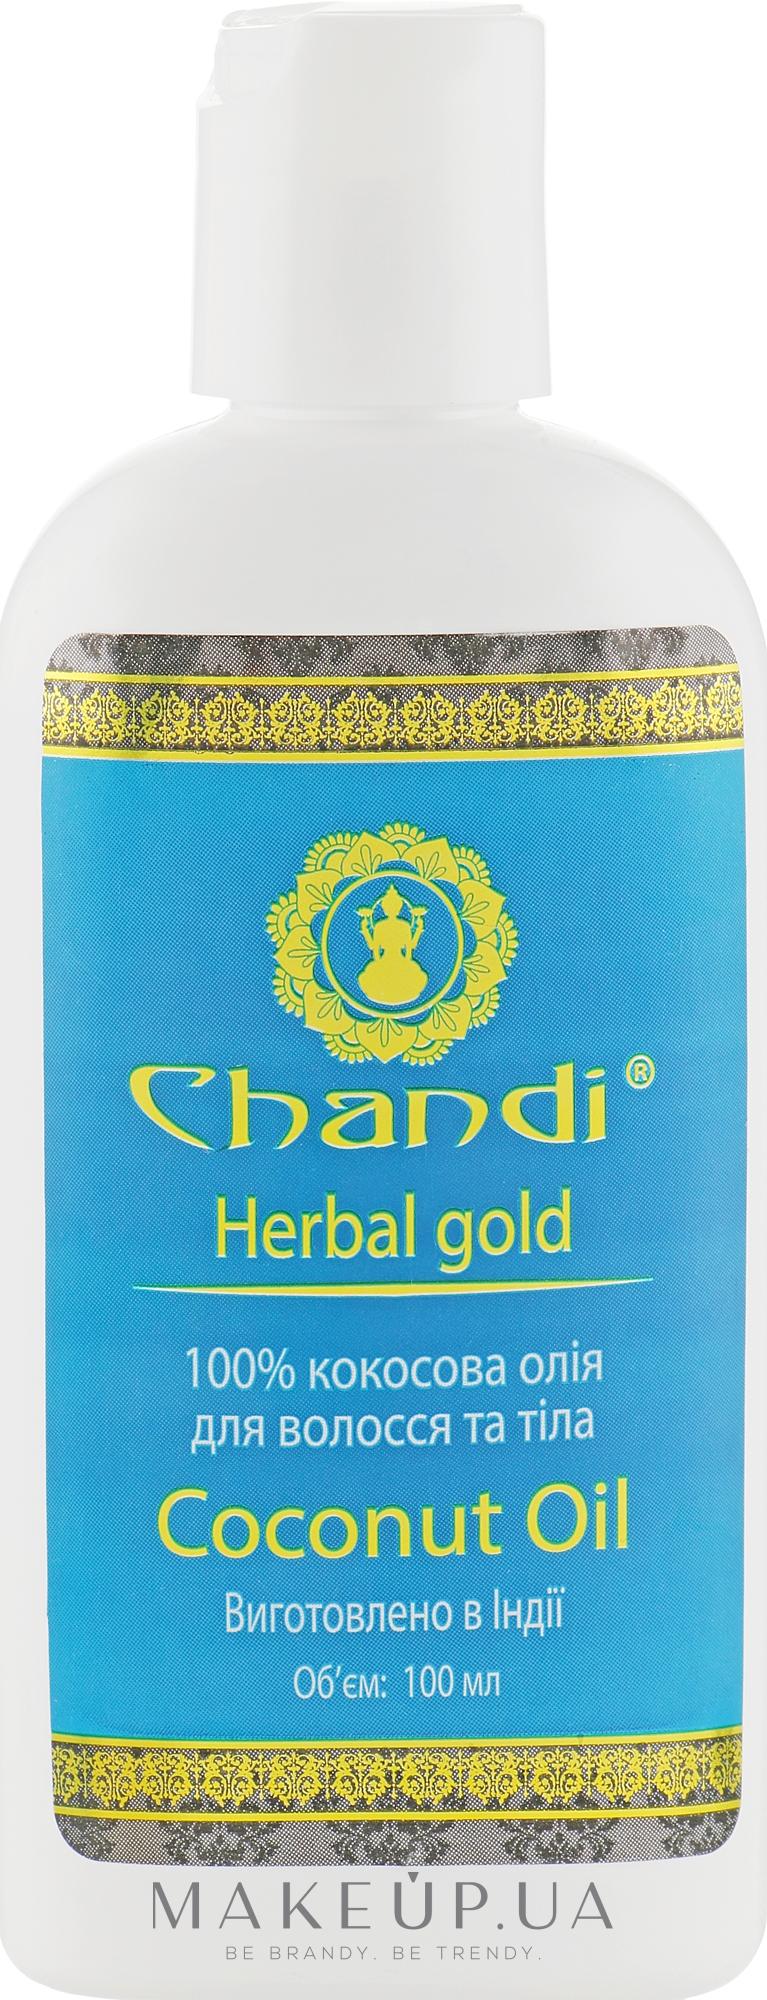 Масло для волосся і тіла - Chandi Coconut Oil — фото 100ml